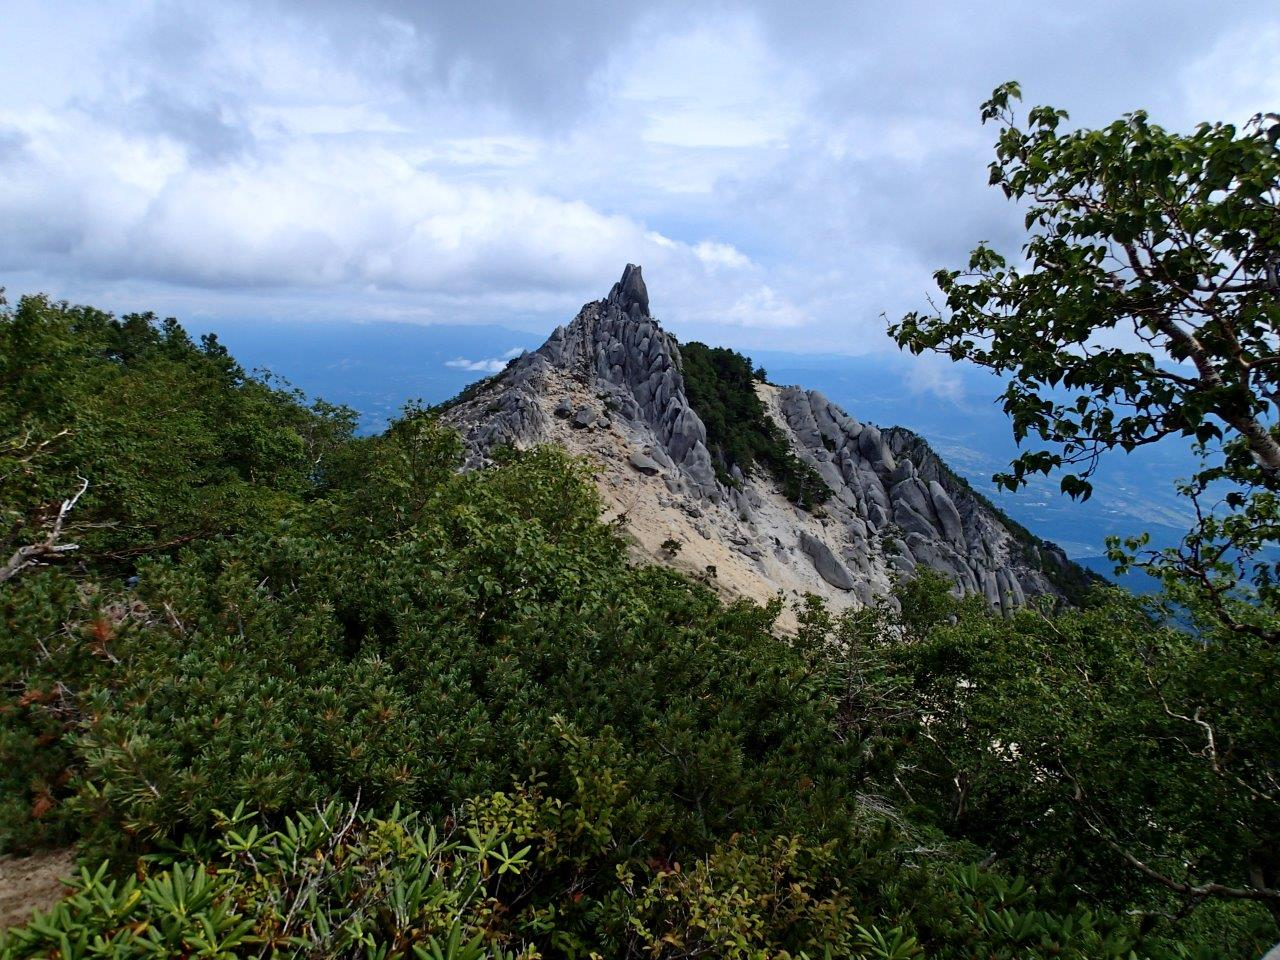 白砂の稜線とオベリスクの岩塔が印象的な縦走路<br>南アルプス 鳳凰三山 2日間